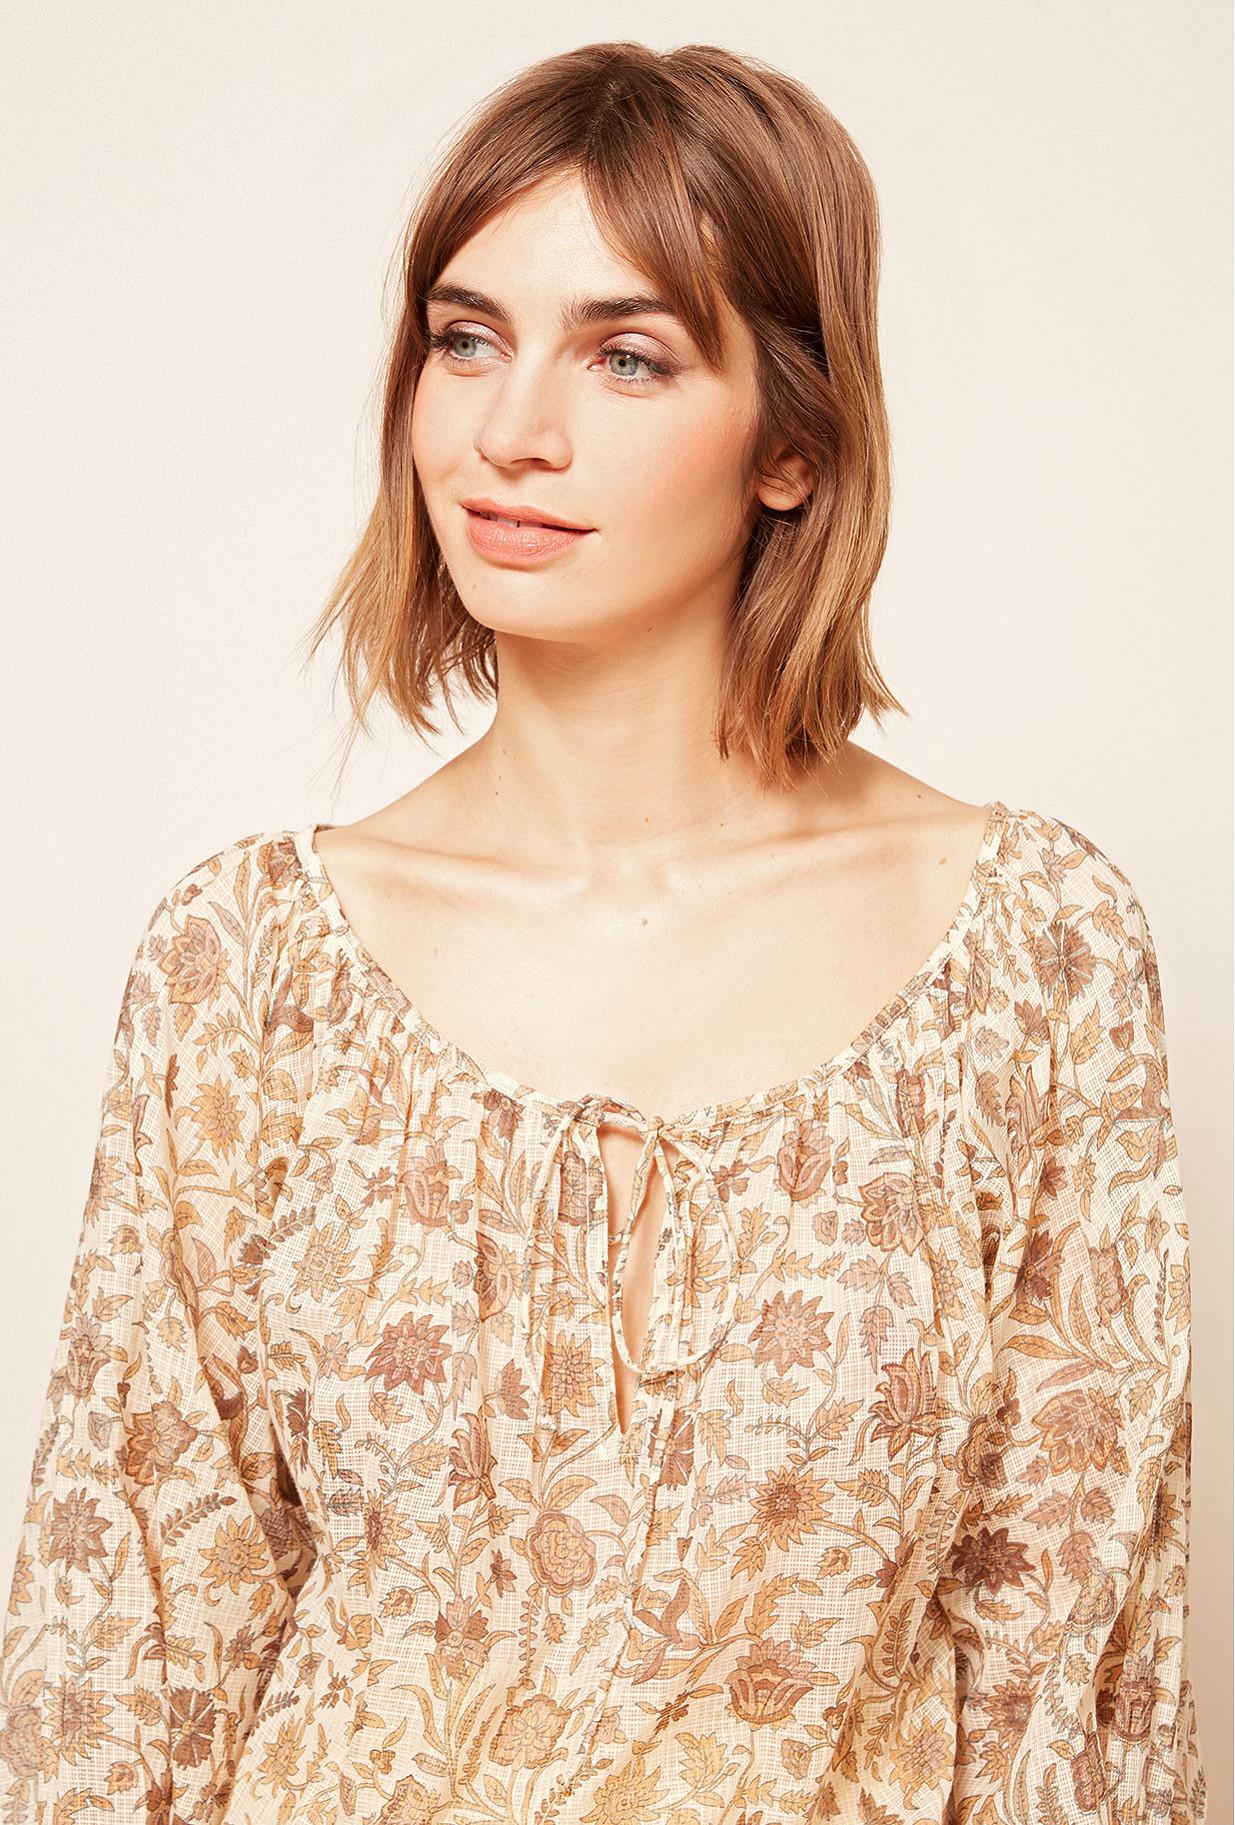 Ocre print  Blouse  Coreo Mes demoiselles fashion clothes designer Paris